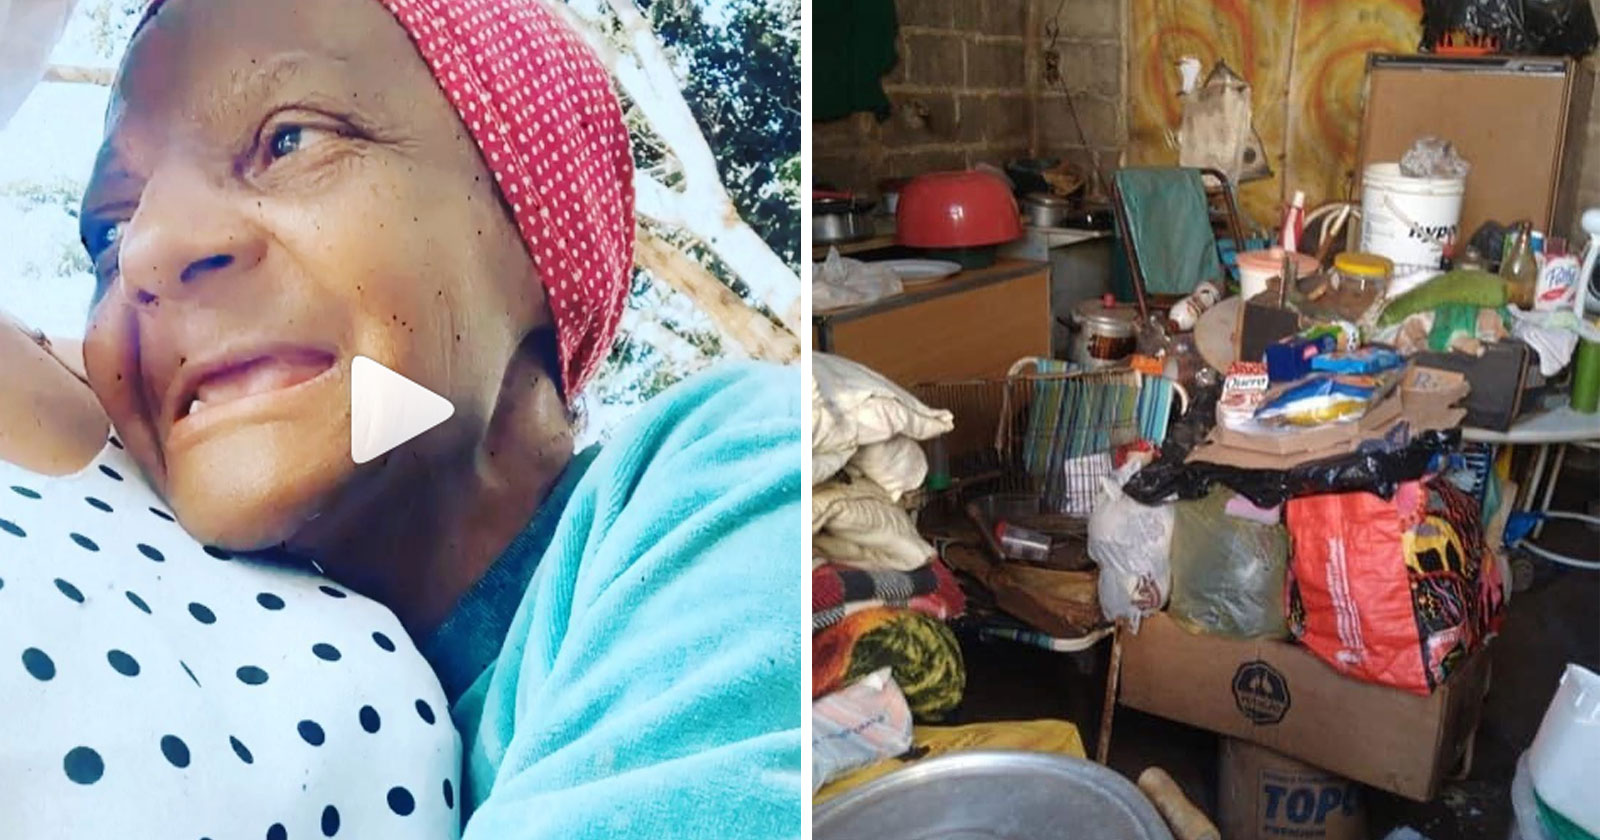 Vizinha mobiliza rede do bem para 'salvar' idosa que vive em condições precárias 2